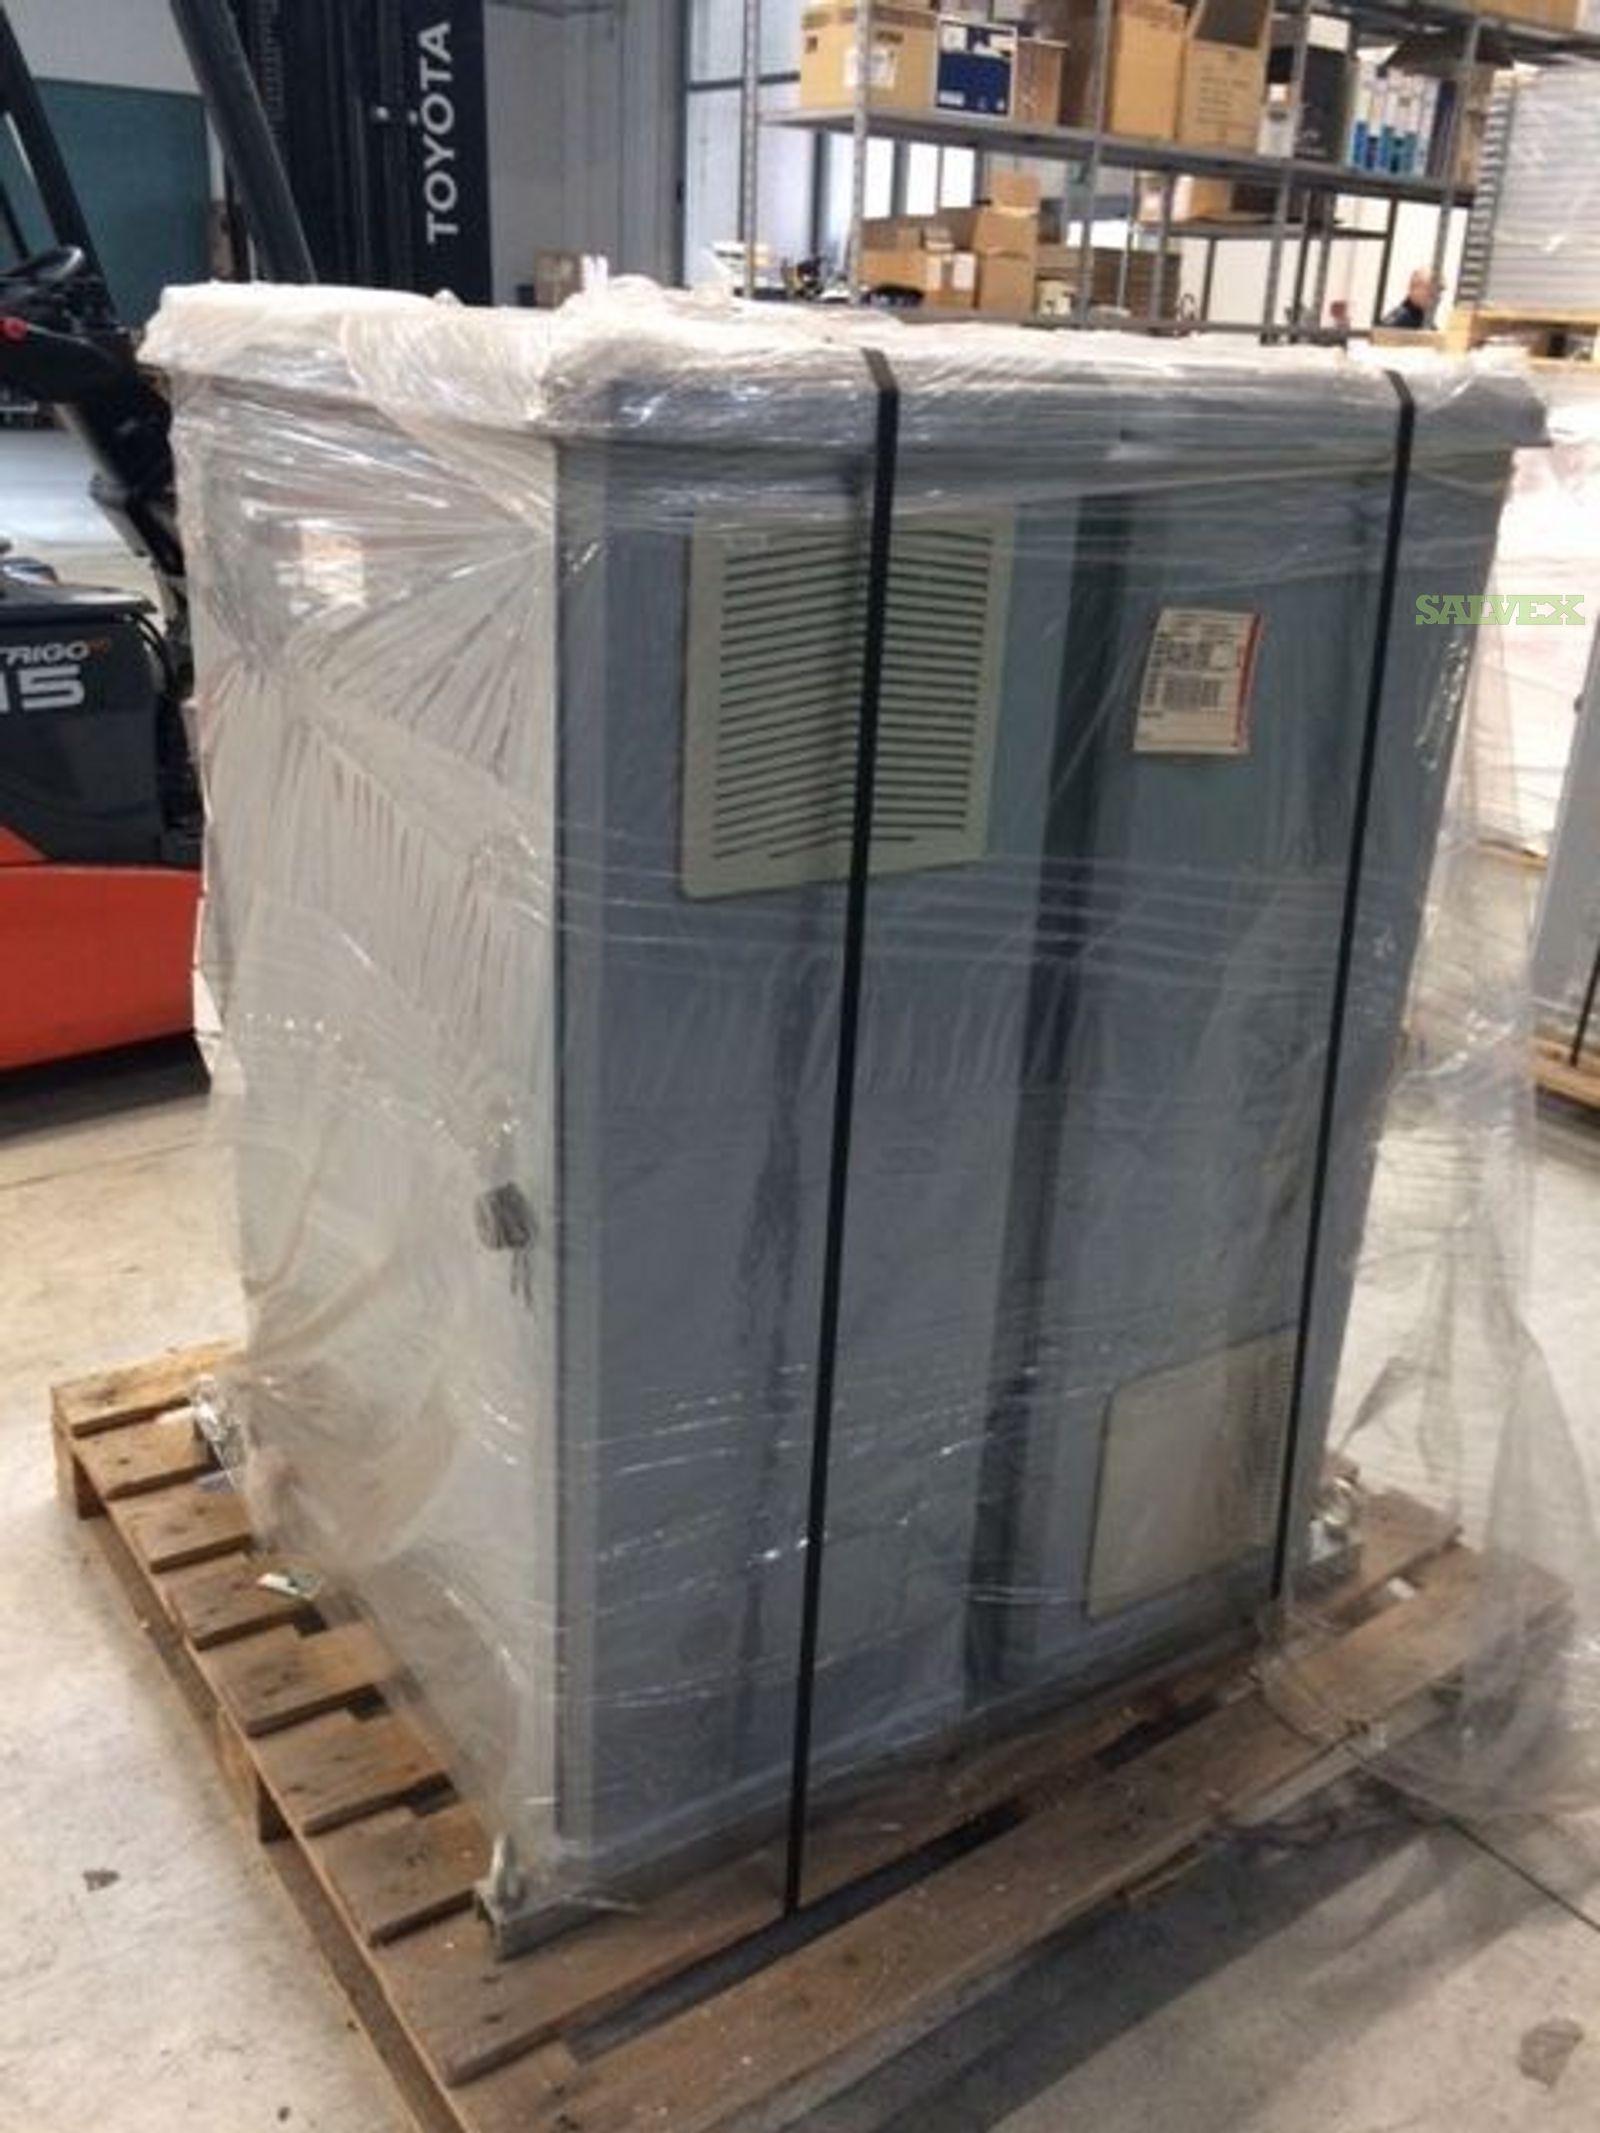 K-Factor 110 kVA BT 400 / 400V Isolation Power Transformers (2 Units)